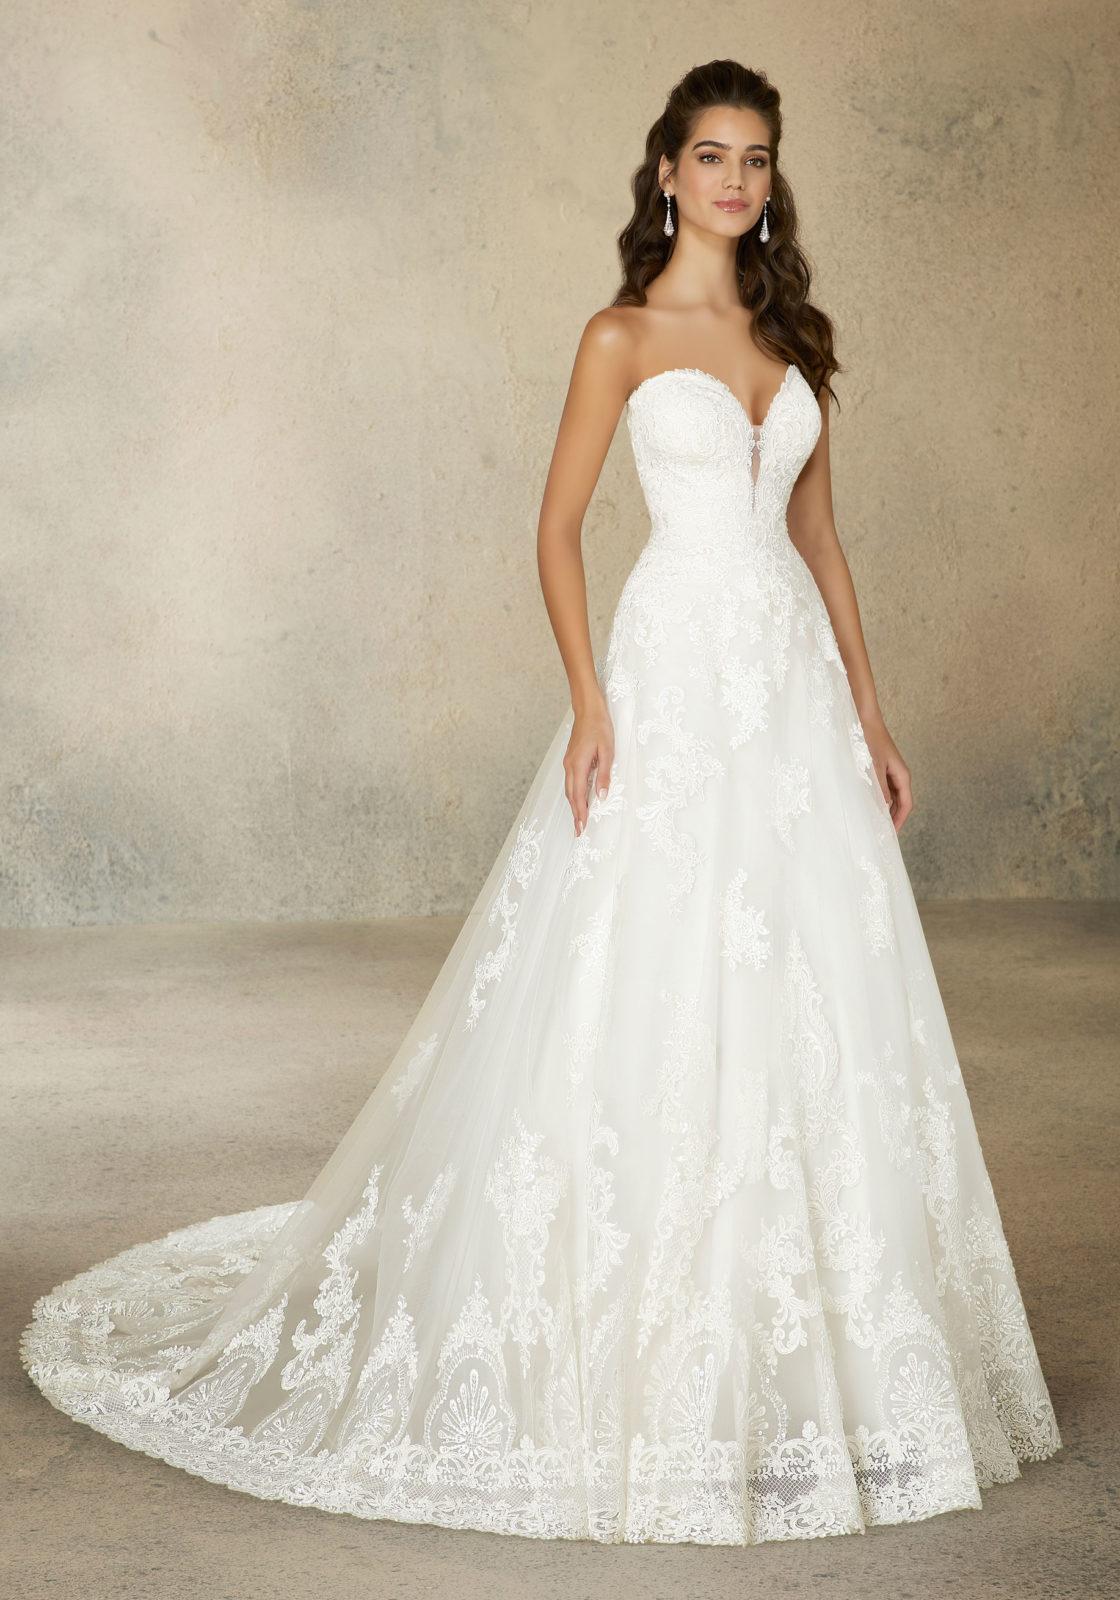 Νυφικό Φόρεμα, MORILEE, Alencon Δαντέλα, σε Άλφα Γραμμή. Style. 2076